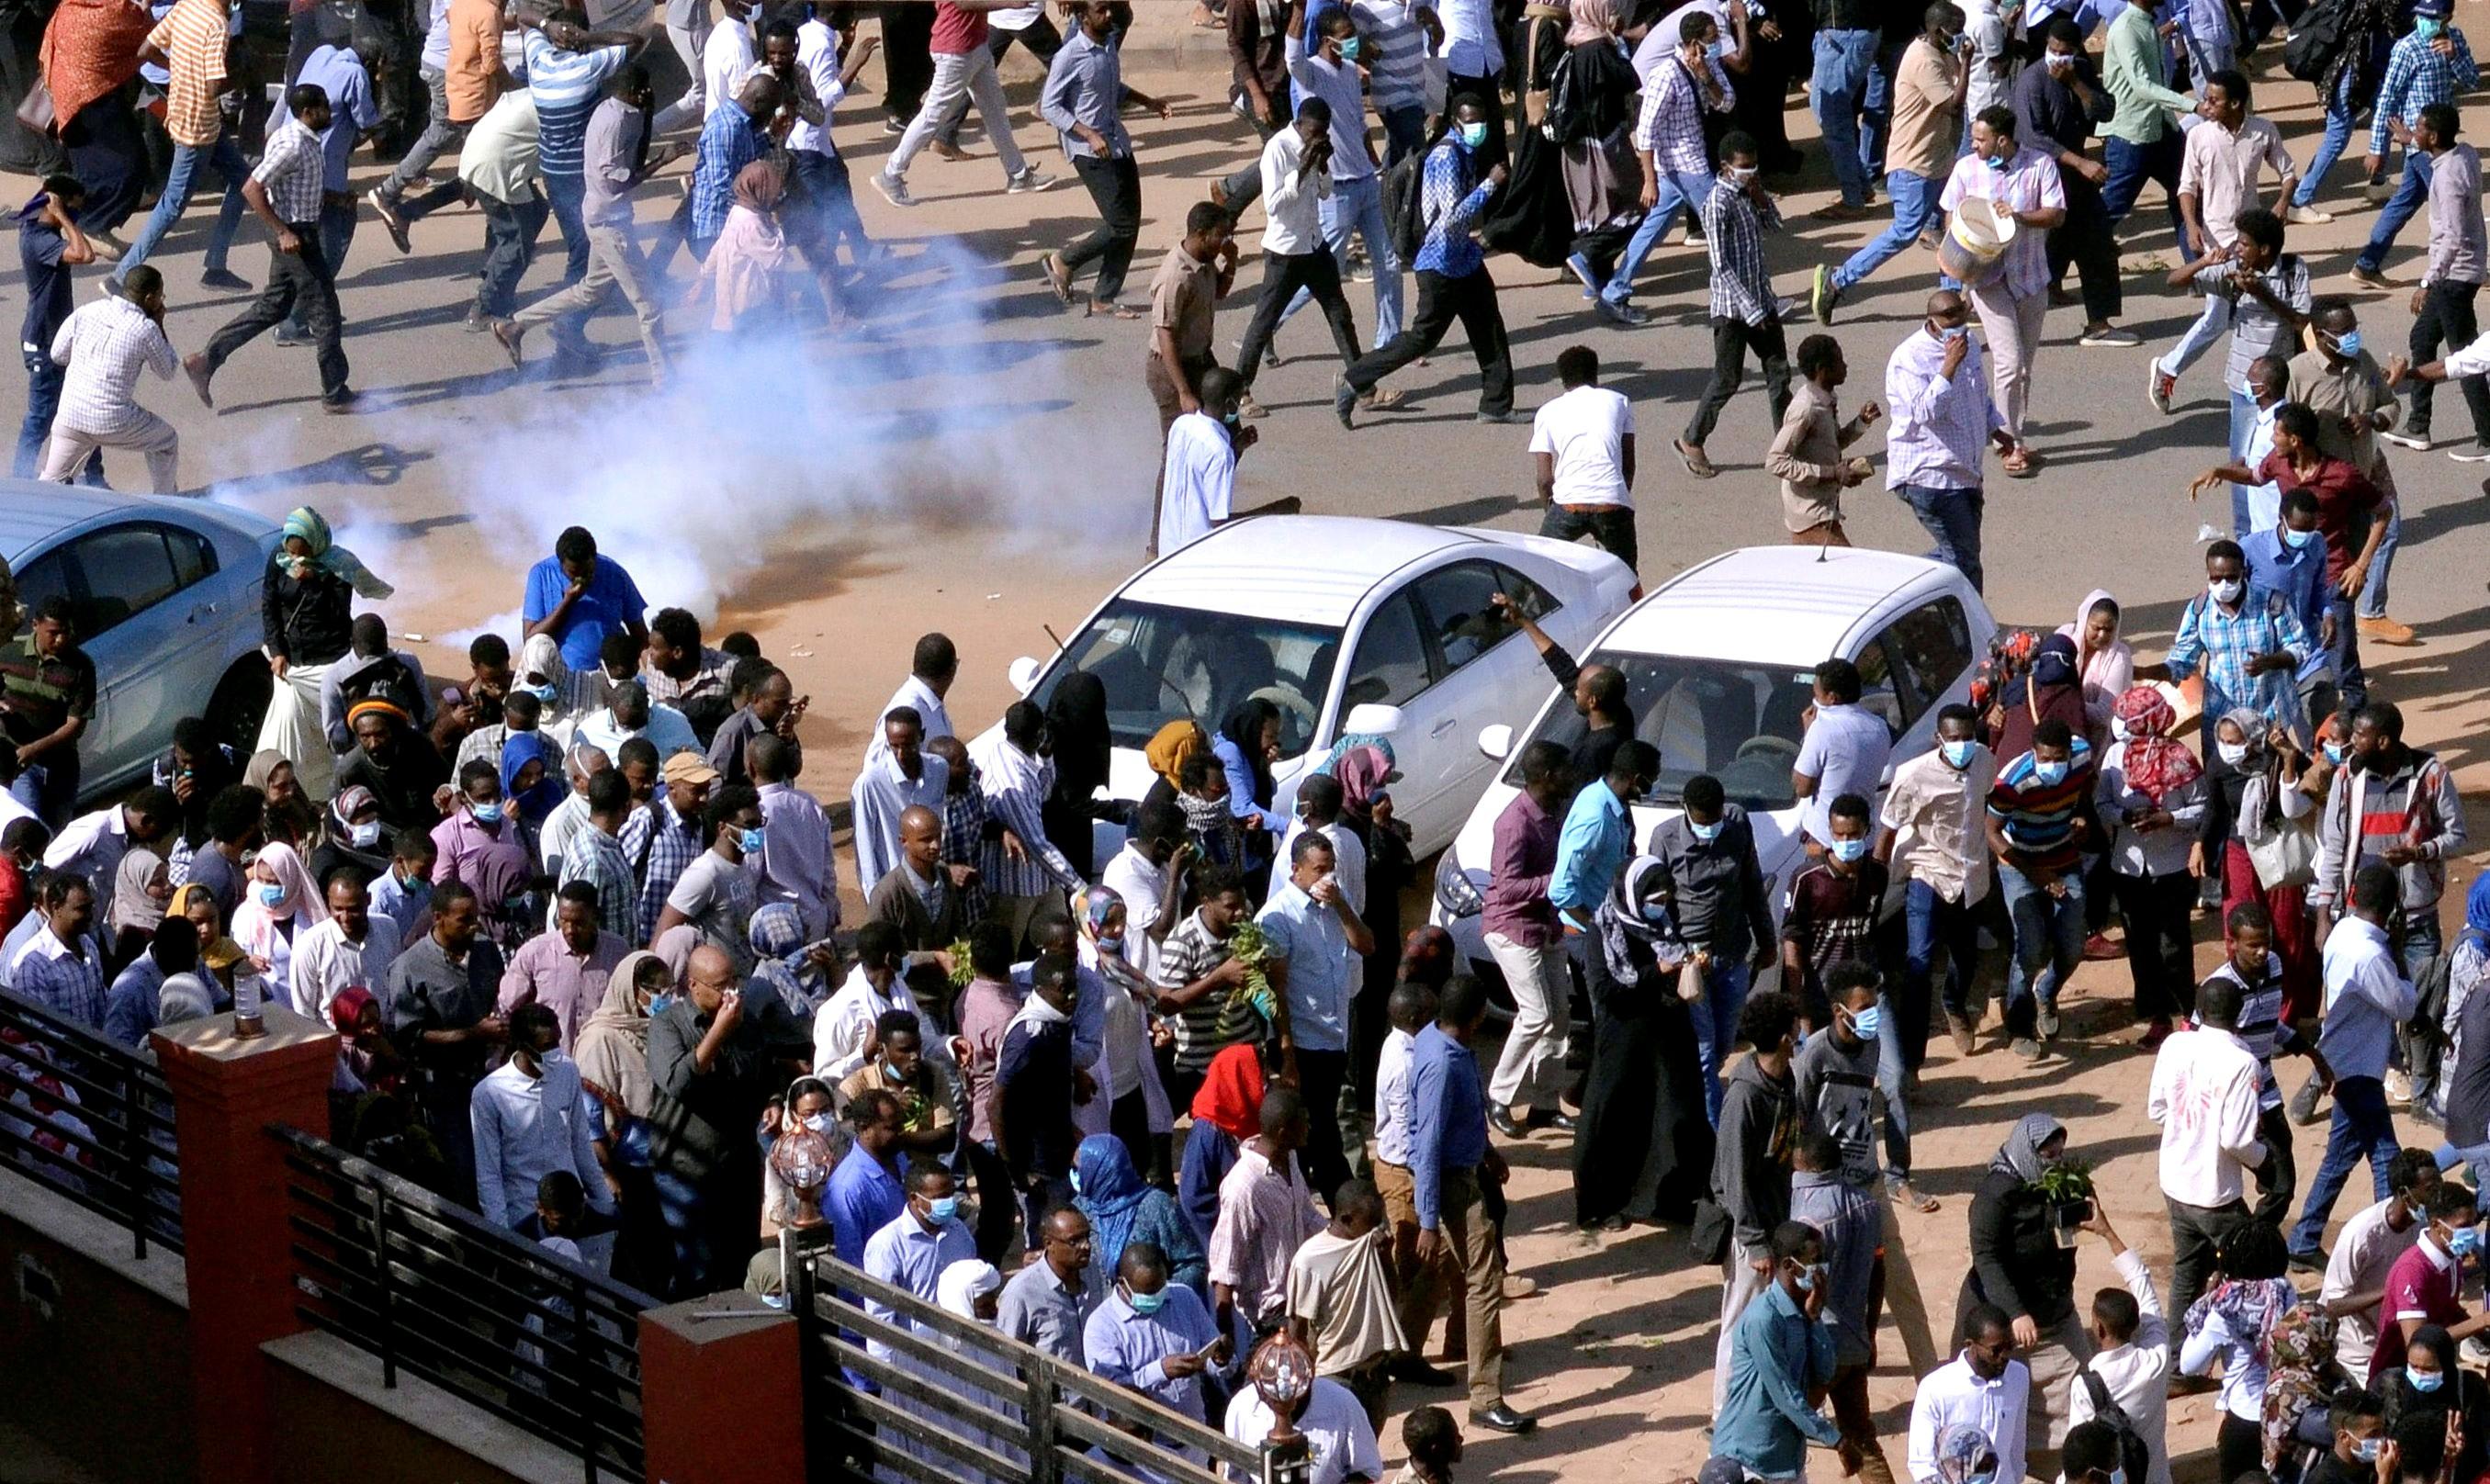 Manifestantes no Sudão protestam contra a alta dos preços dos alimentos e pedem a renúncia do presidente, Omar al-Bashir (Foto: Mohamed Nureldin Abdallah/Reuters)